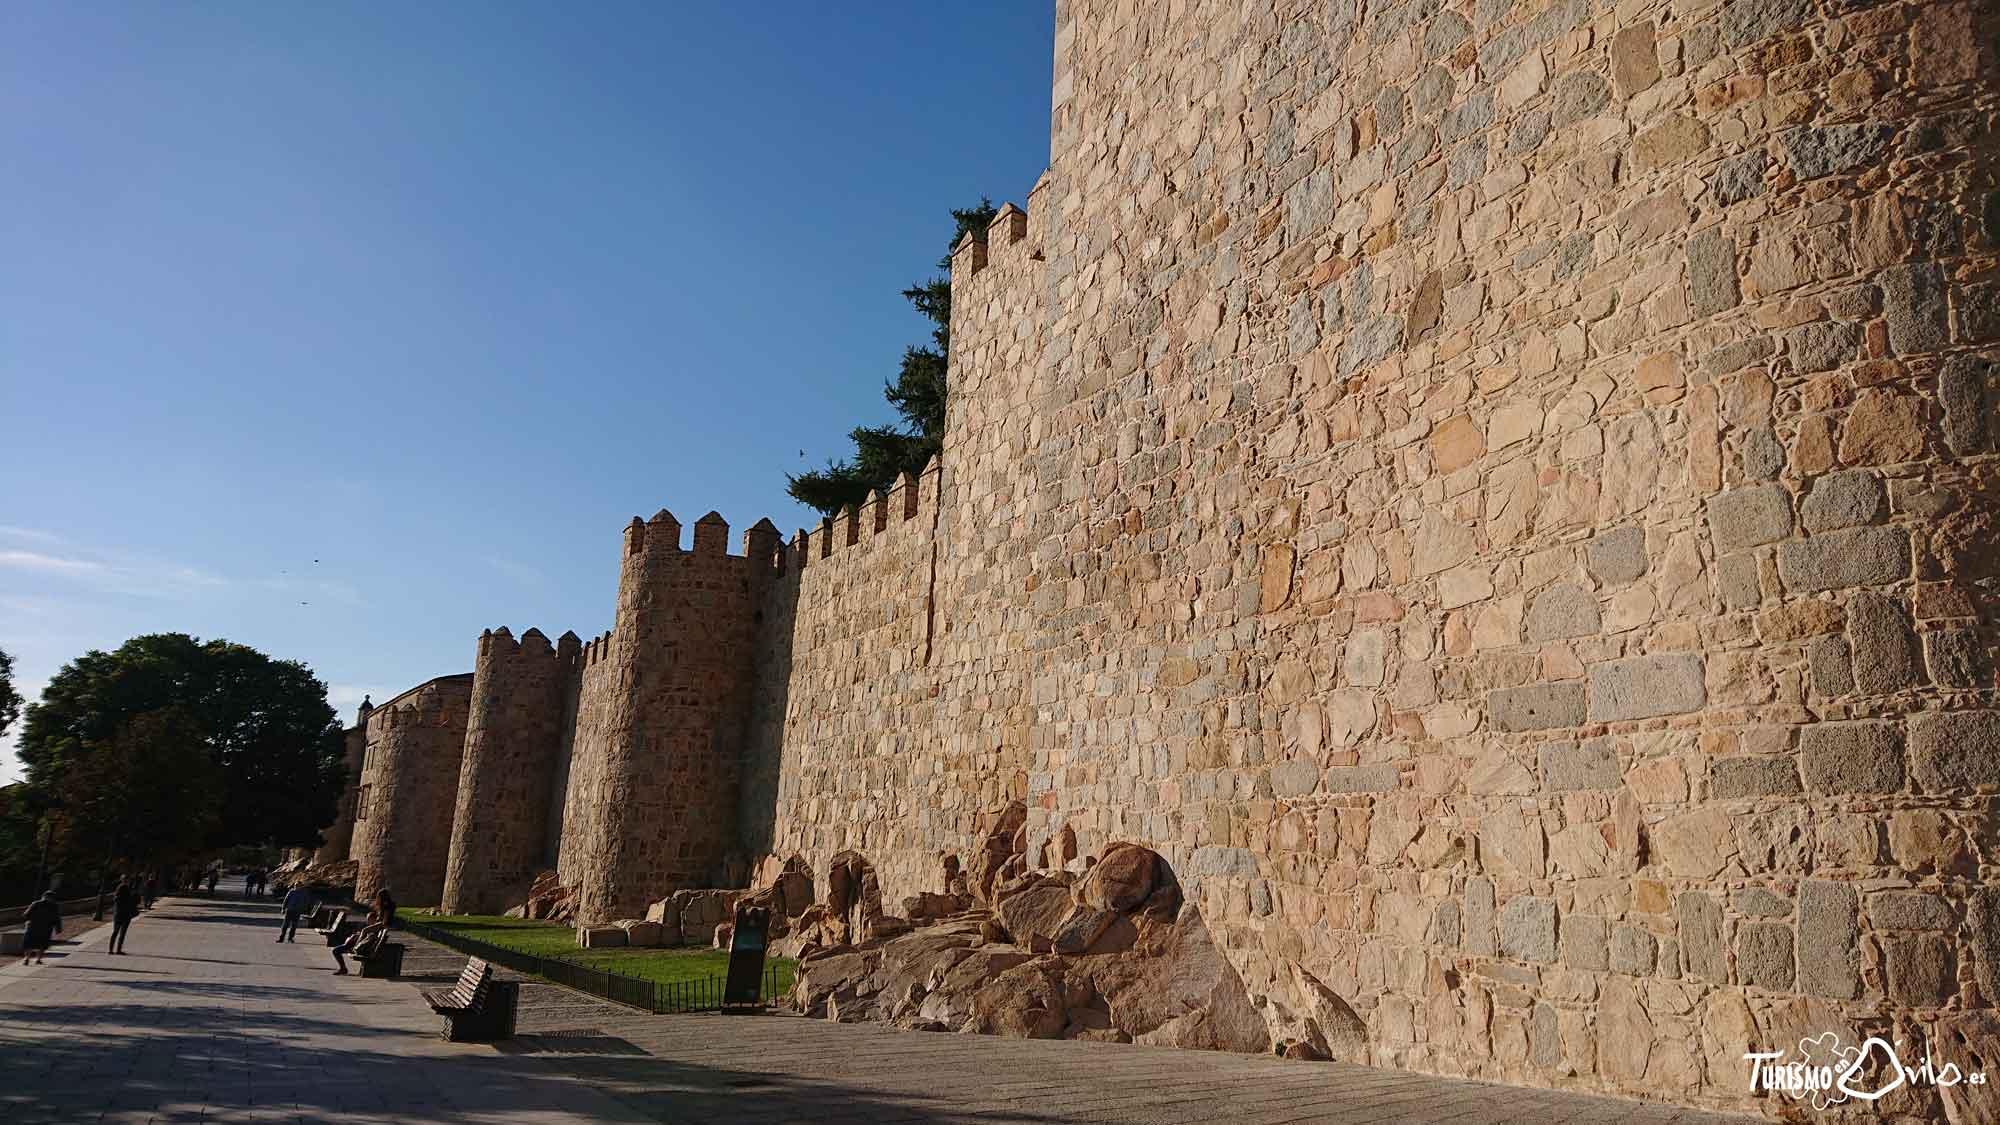 Qué ver en Ávila: Vista de la Muralla de Ávila desde el paseo de el Rastro